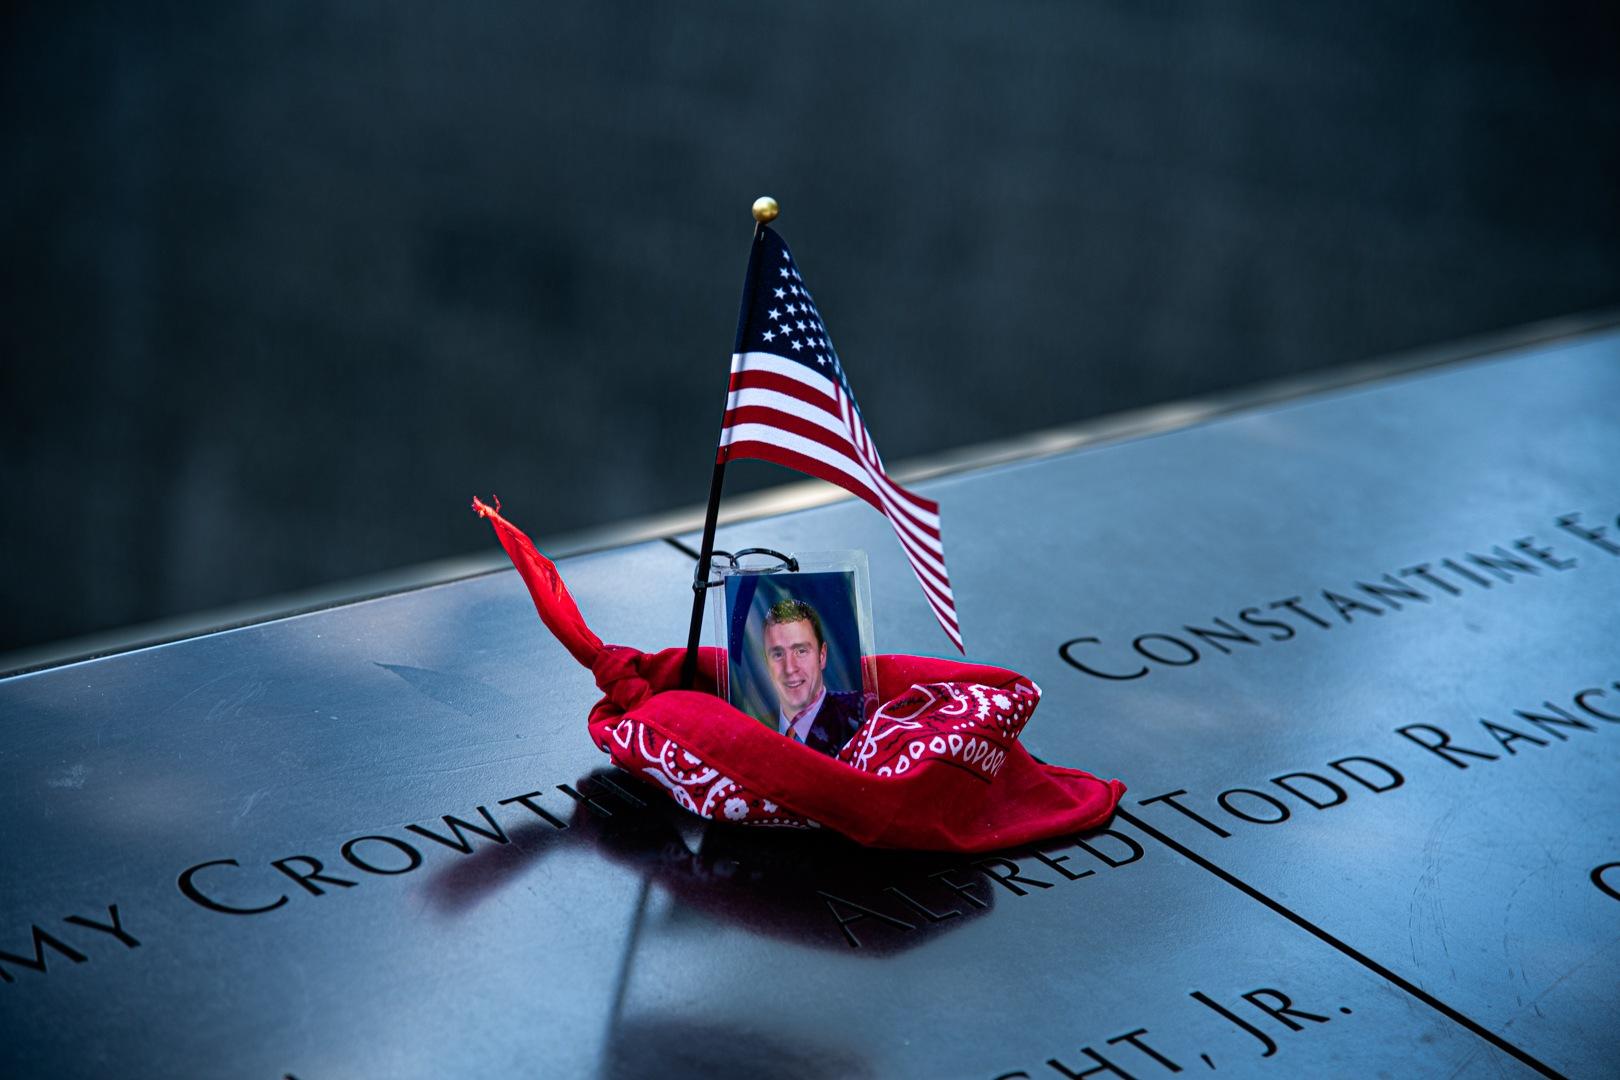 Trade Centre Memorial by Kyle Pieri